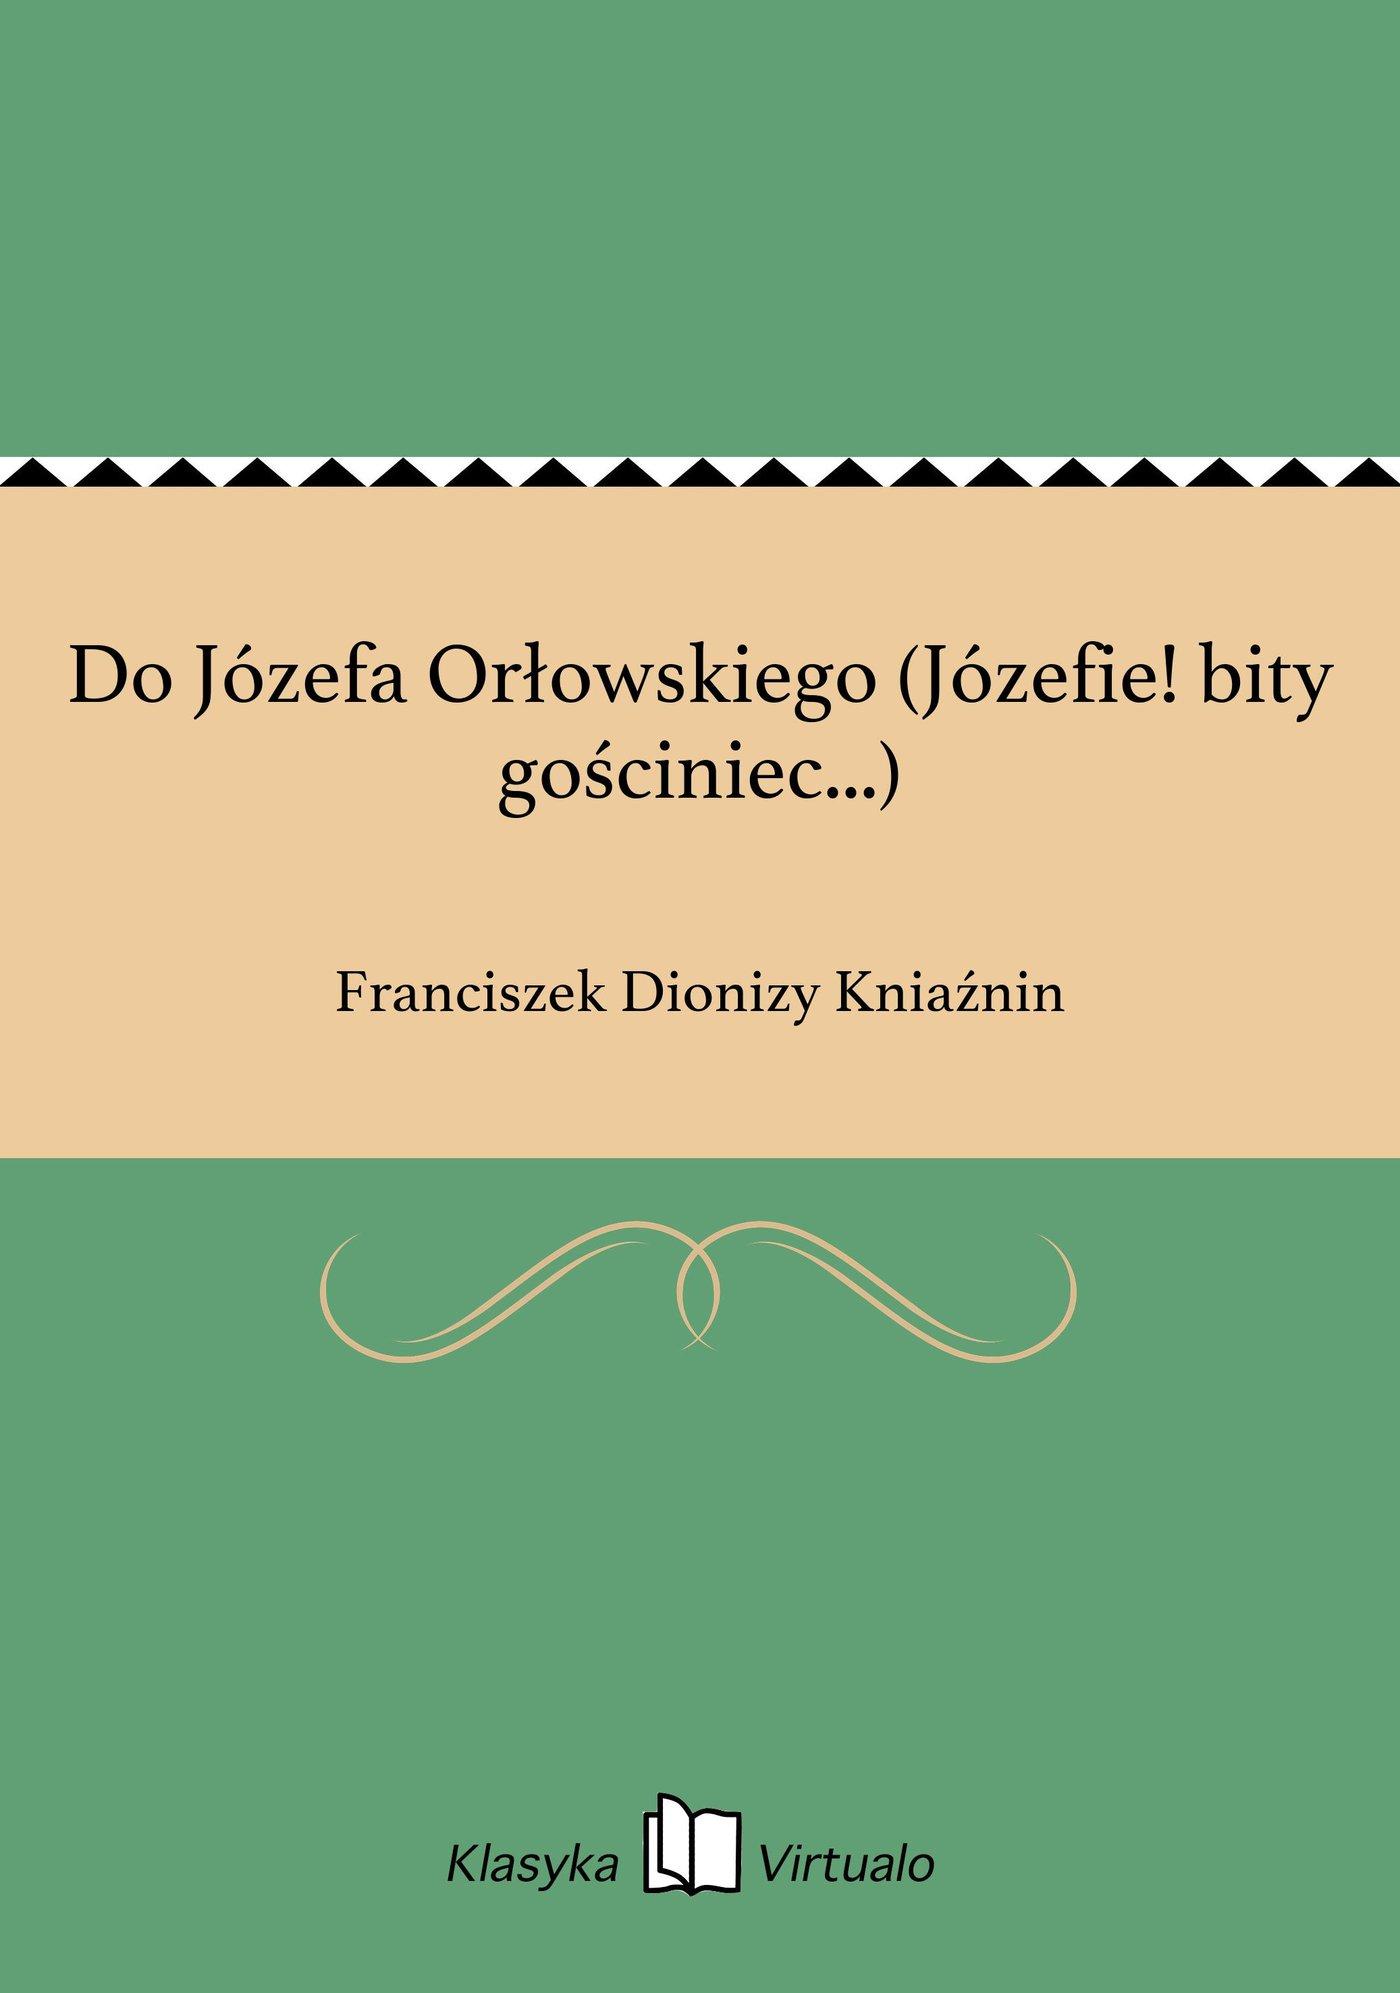 Do Józefa Orłowskiego (Józefie! bity gościniec...) - Ebook (Książka EPUB) do pobrania w formacie EPUB